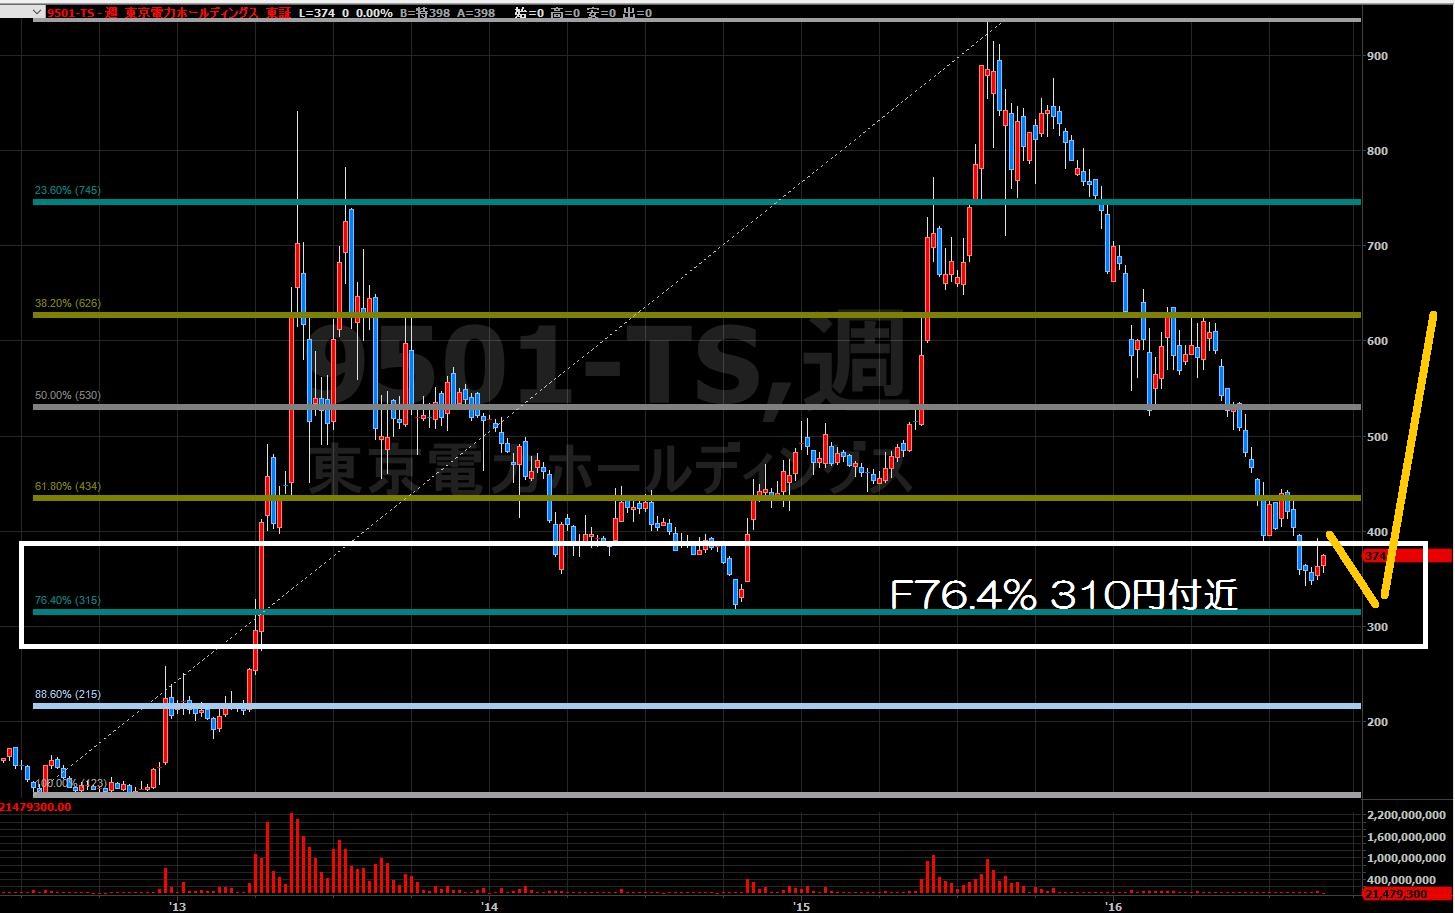 16.8.31東京電力株価-上昇シナリオ2